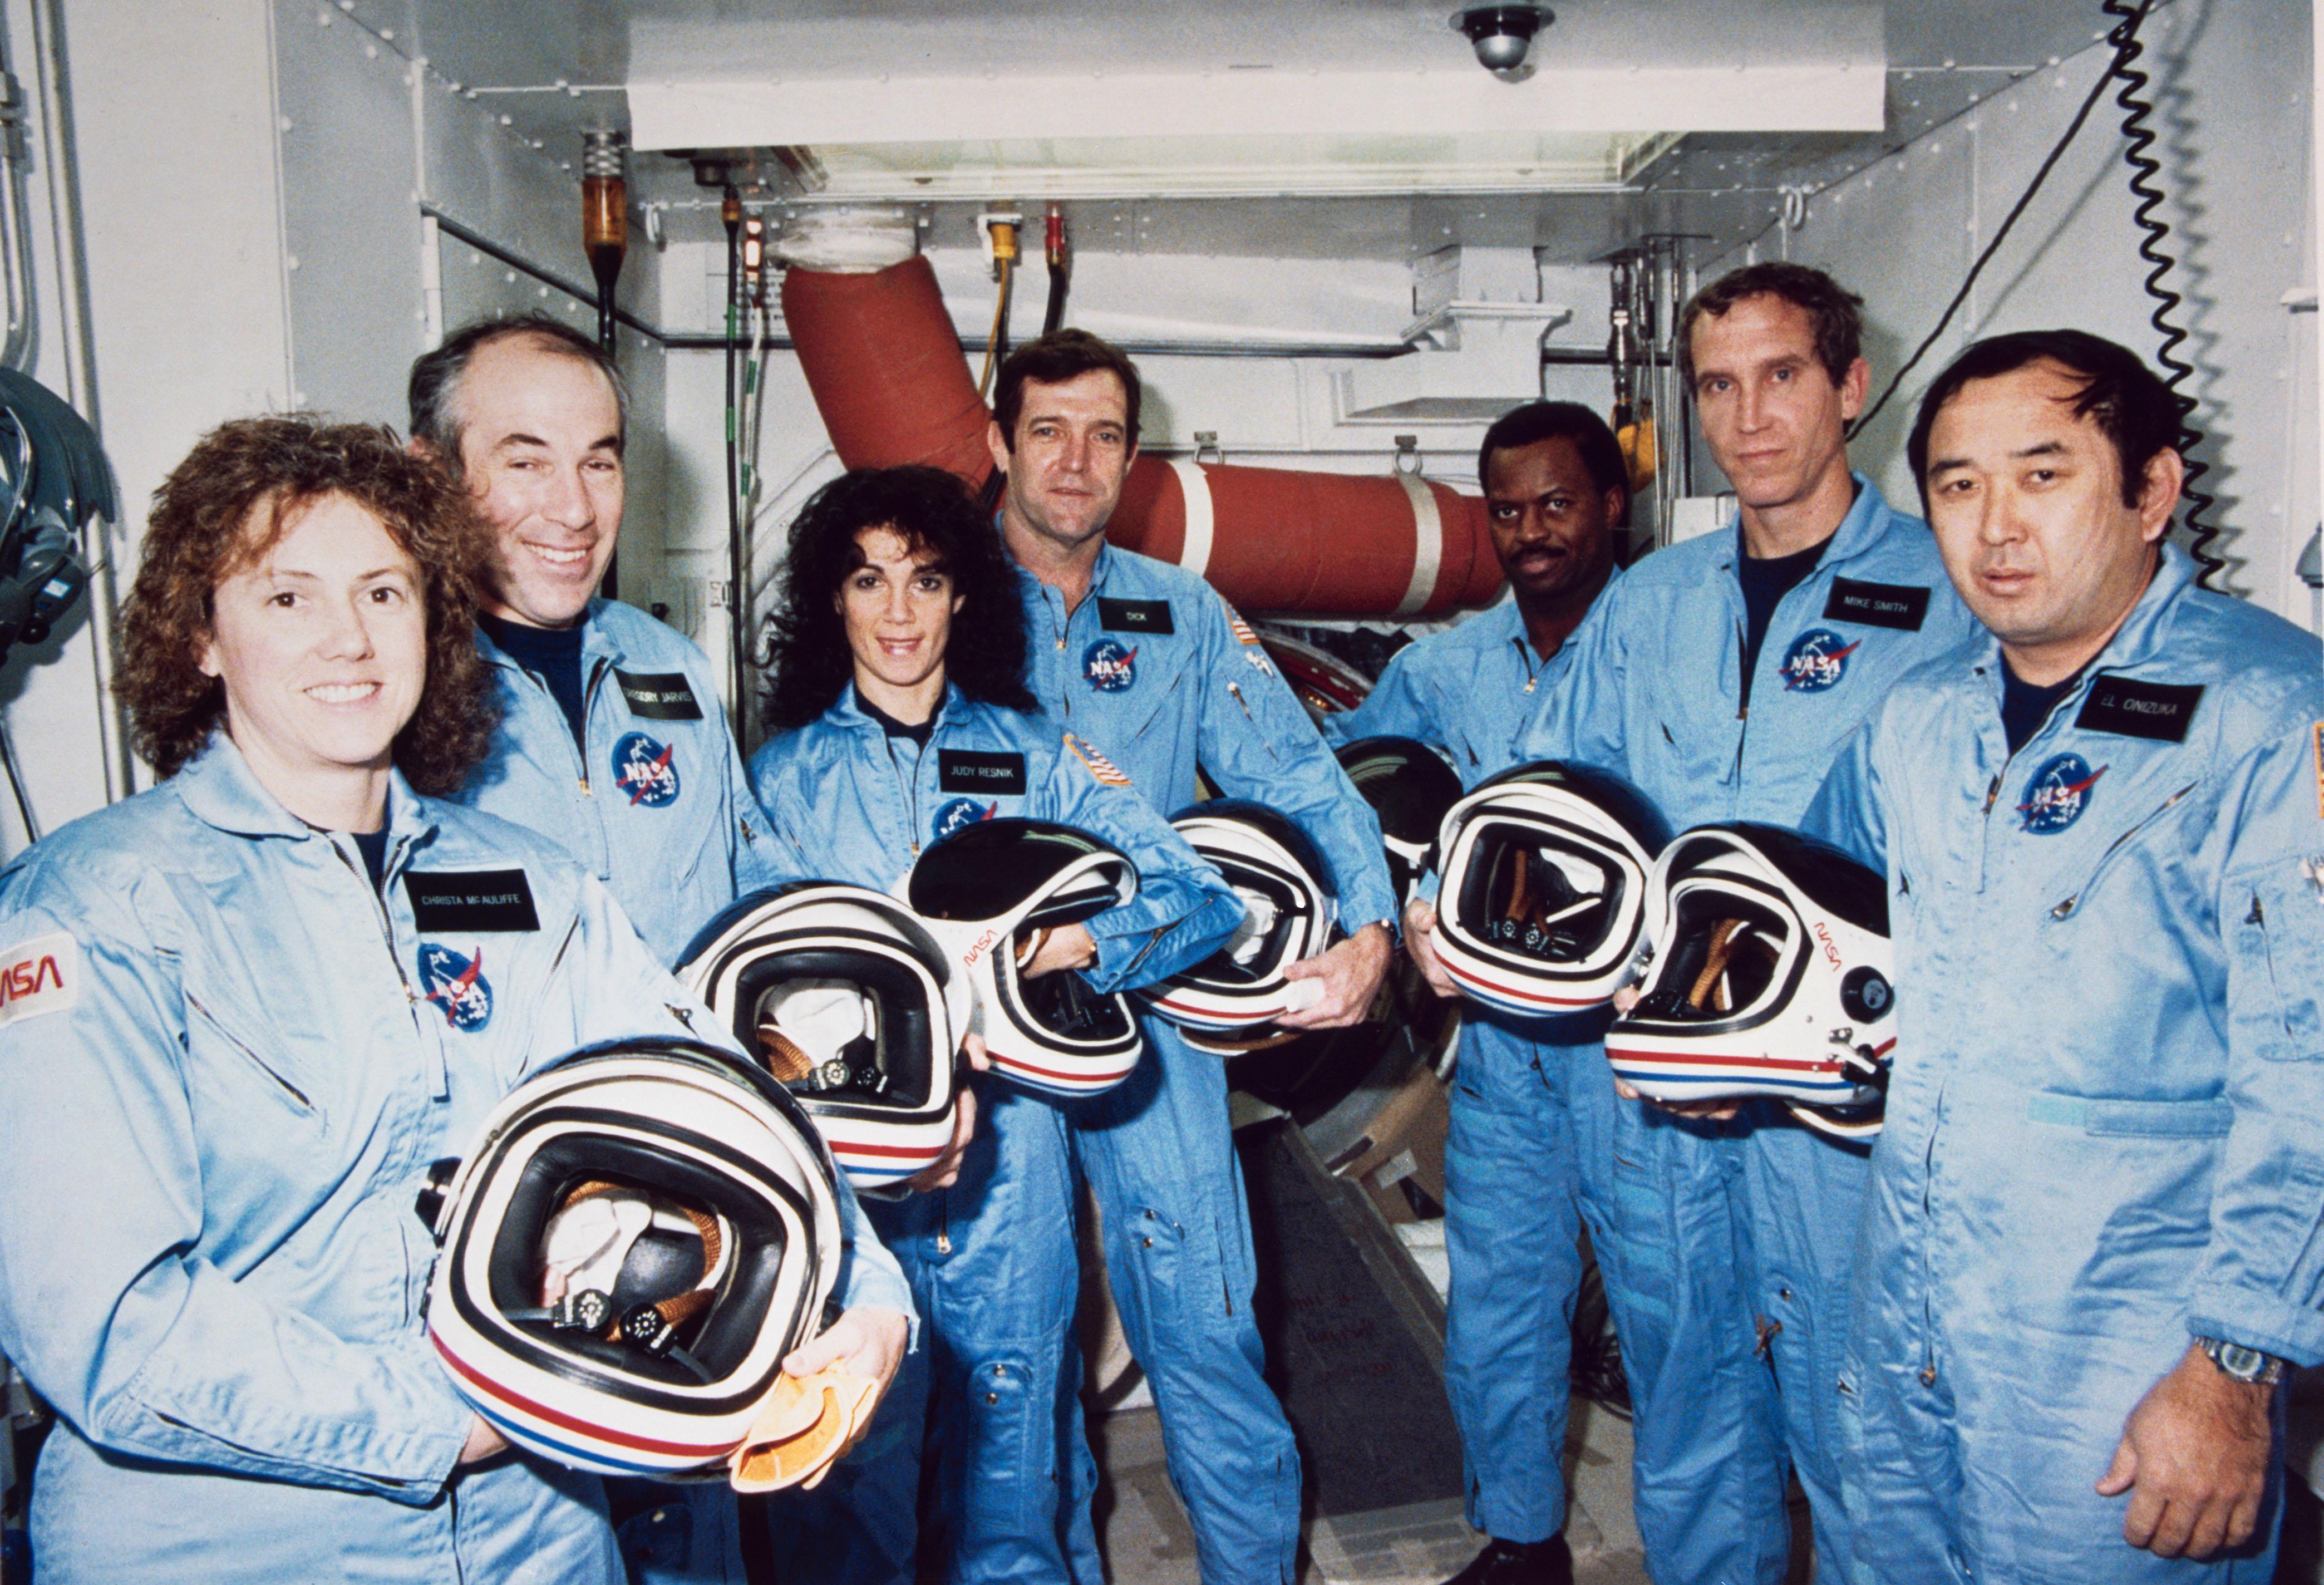 Na današnji dan pre 33 godine, desila se Challenger spejs šatl katastrofa (VIDEO)